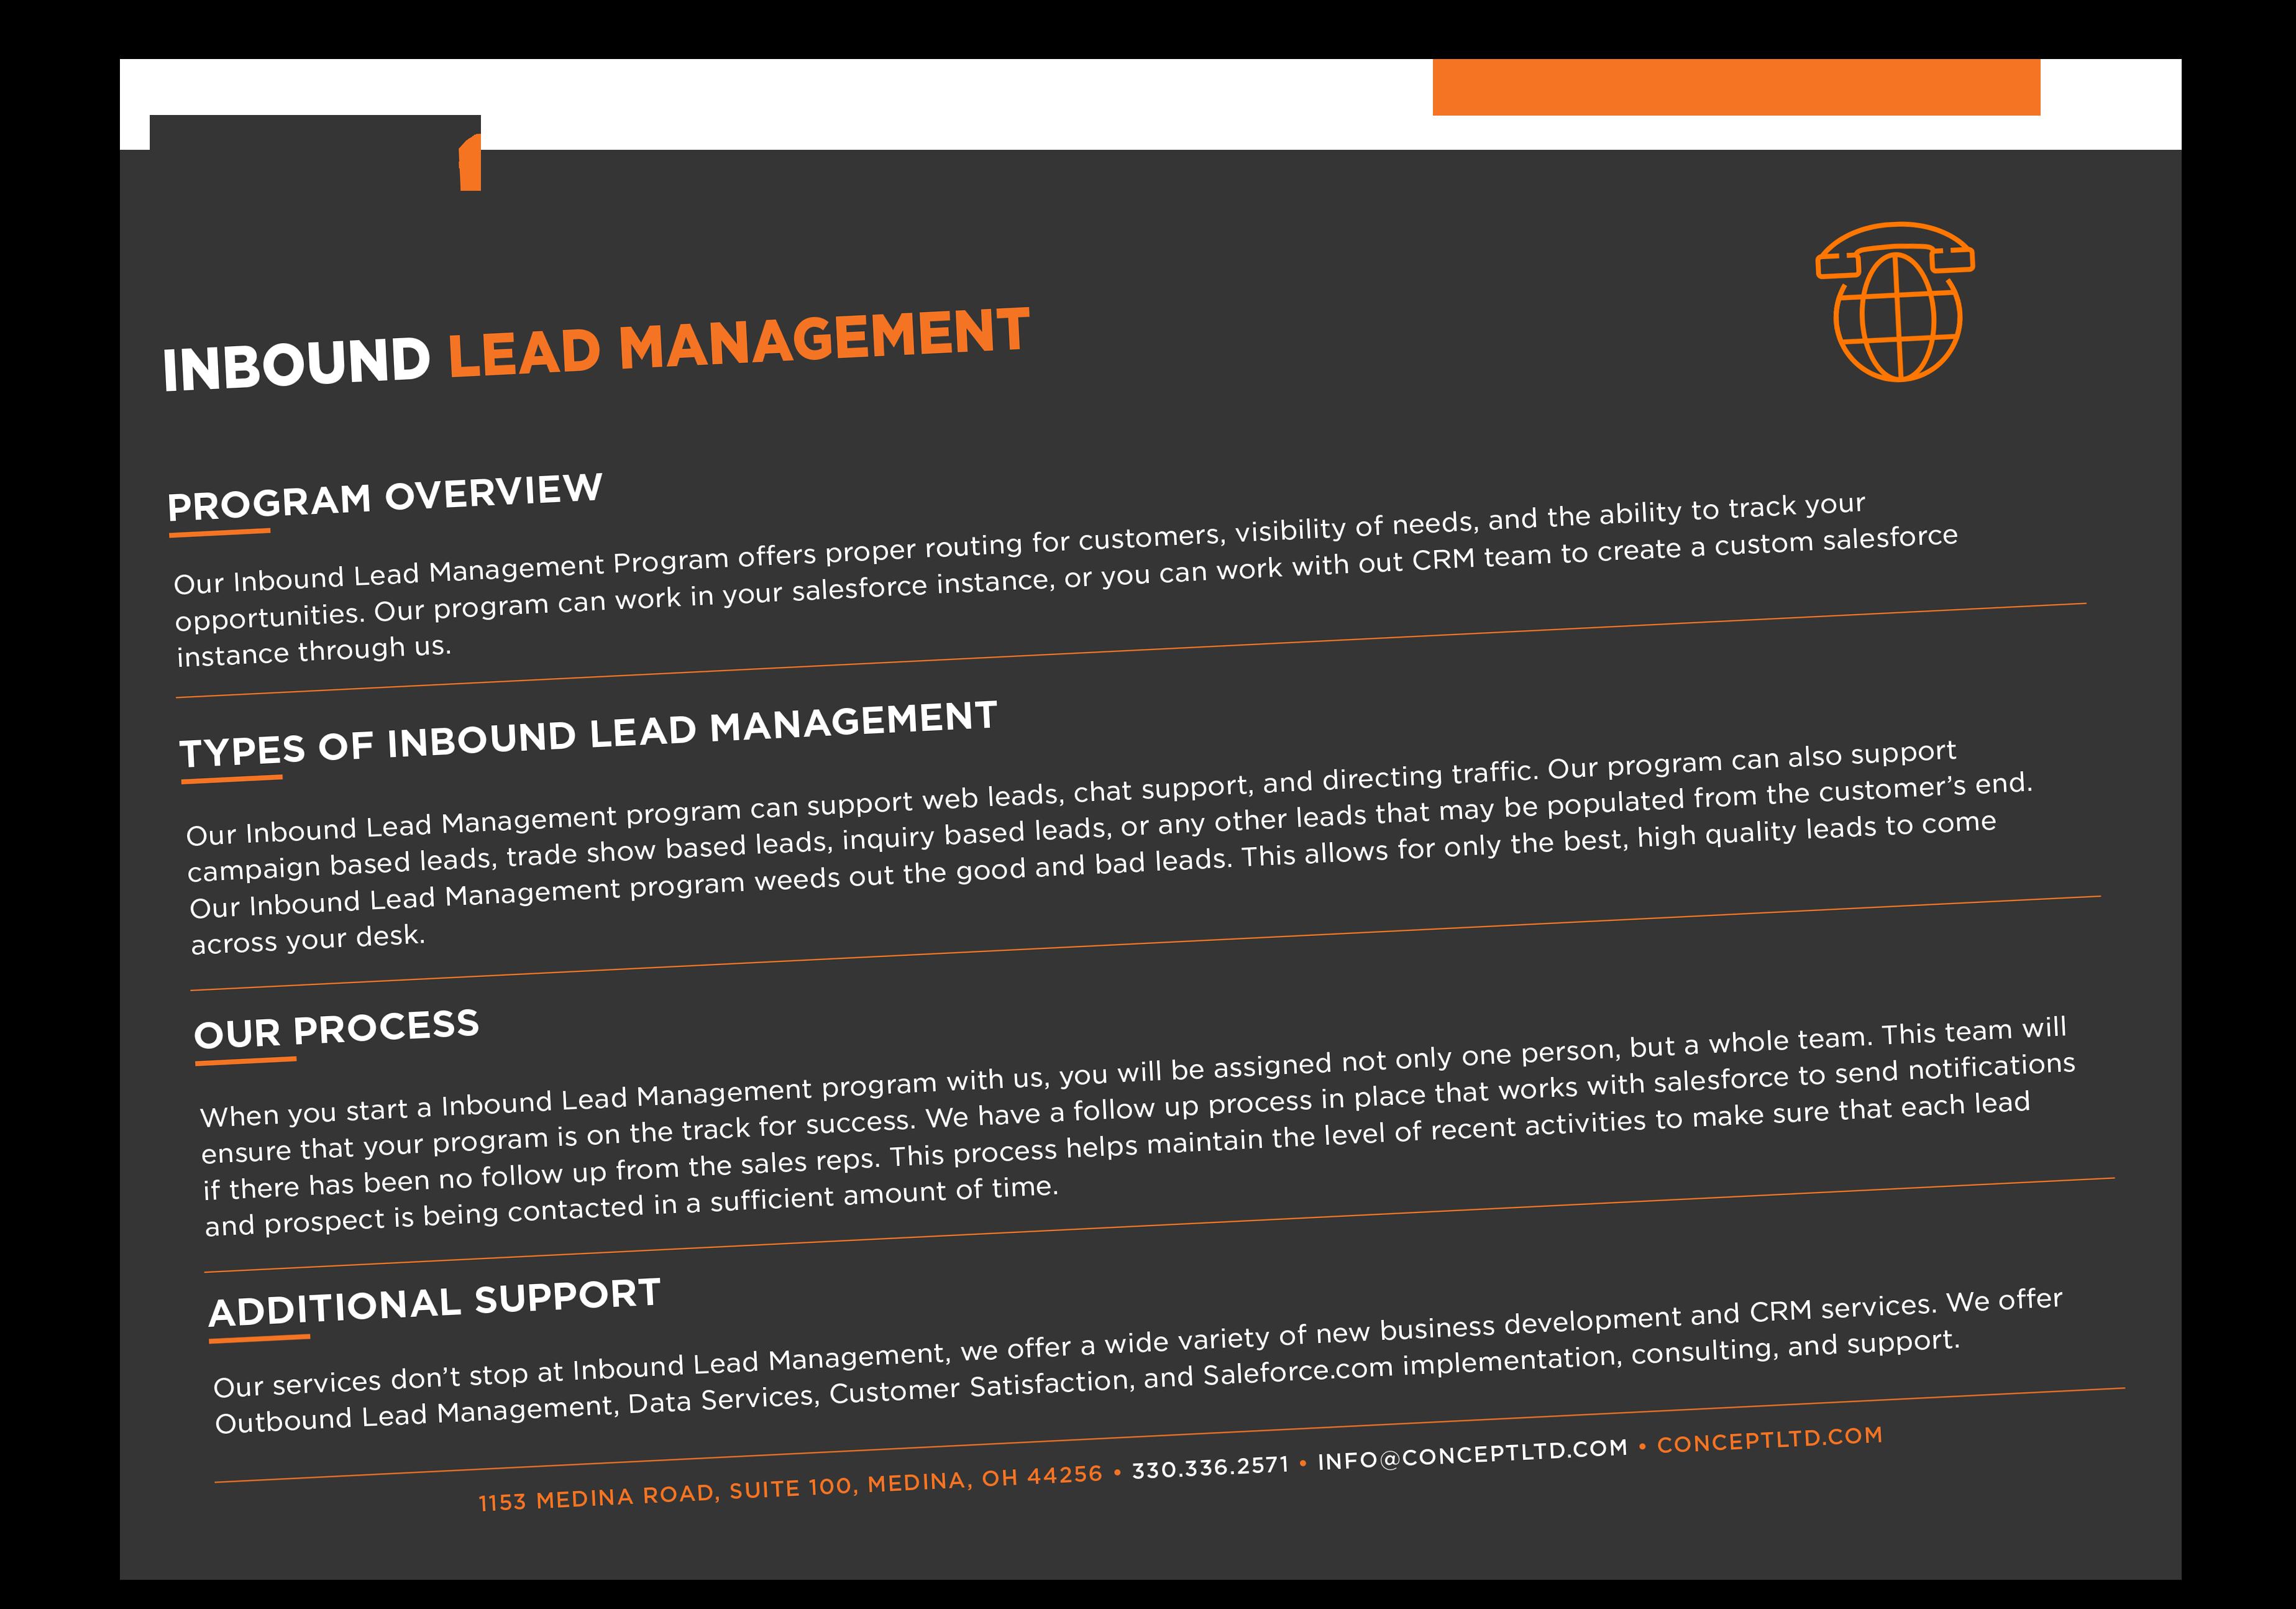 Inbound Lead Management